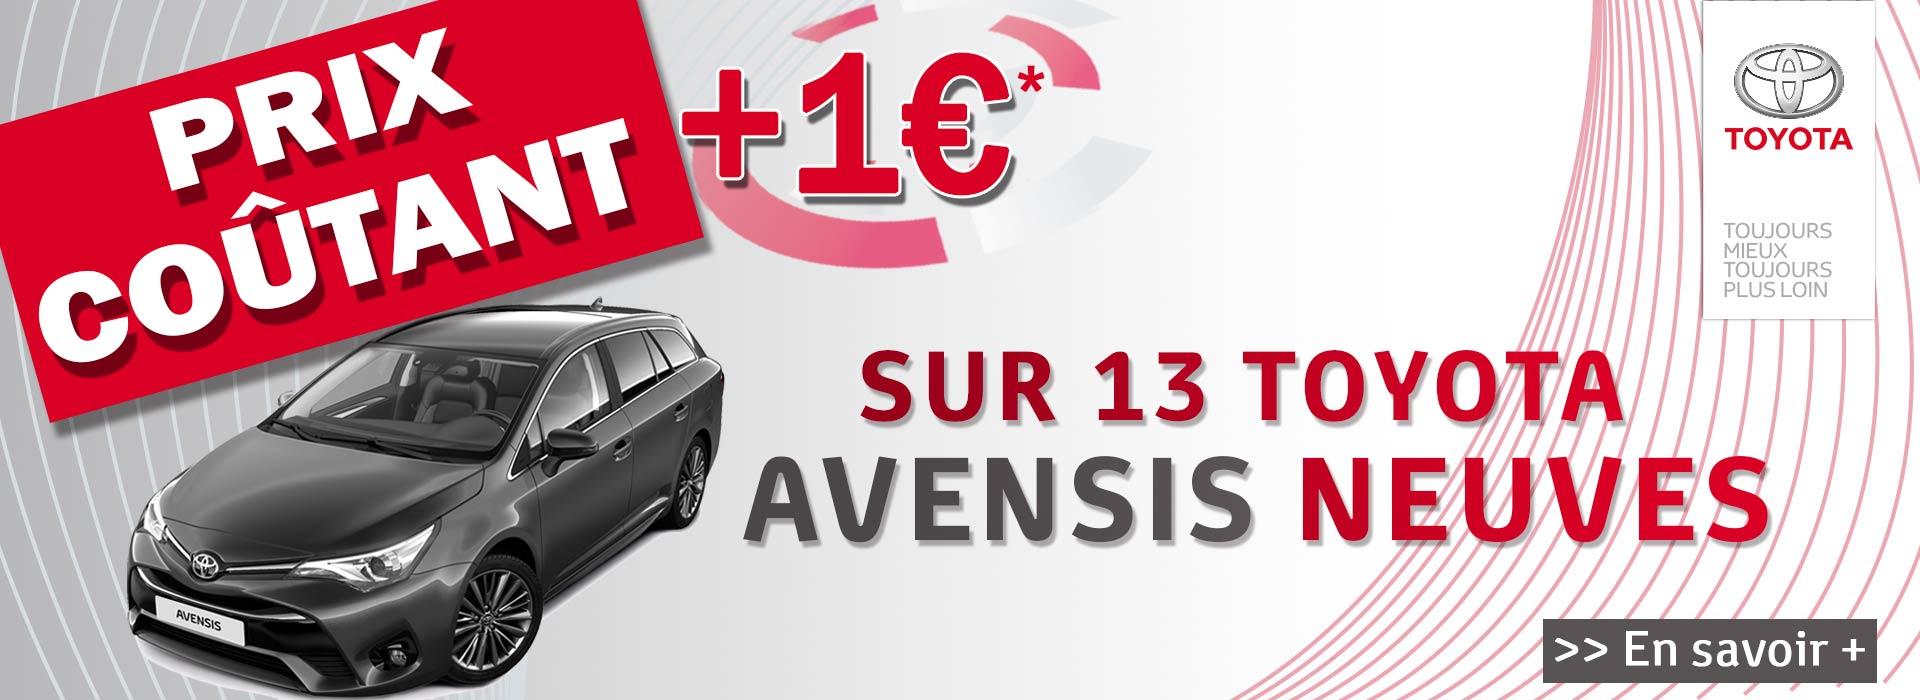 Avensis à prix coutant+1€